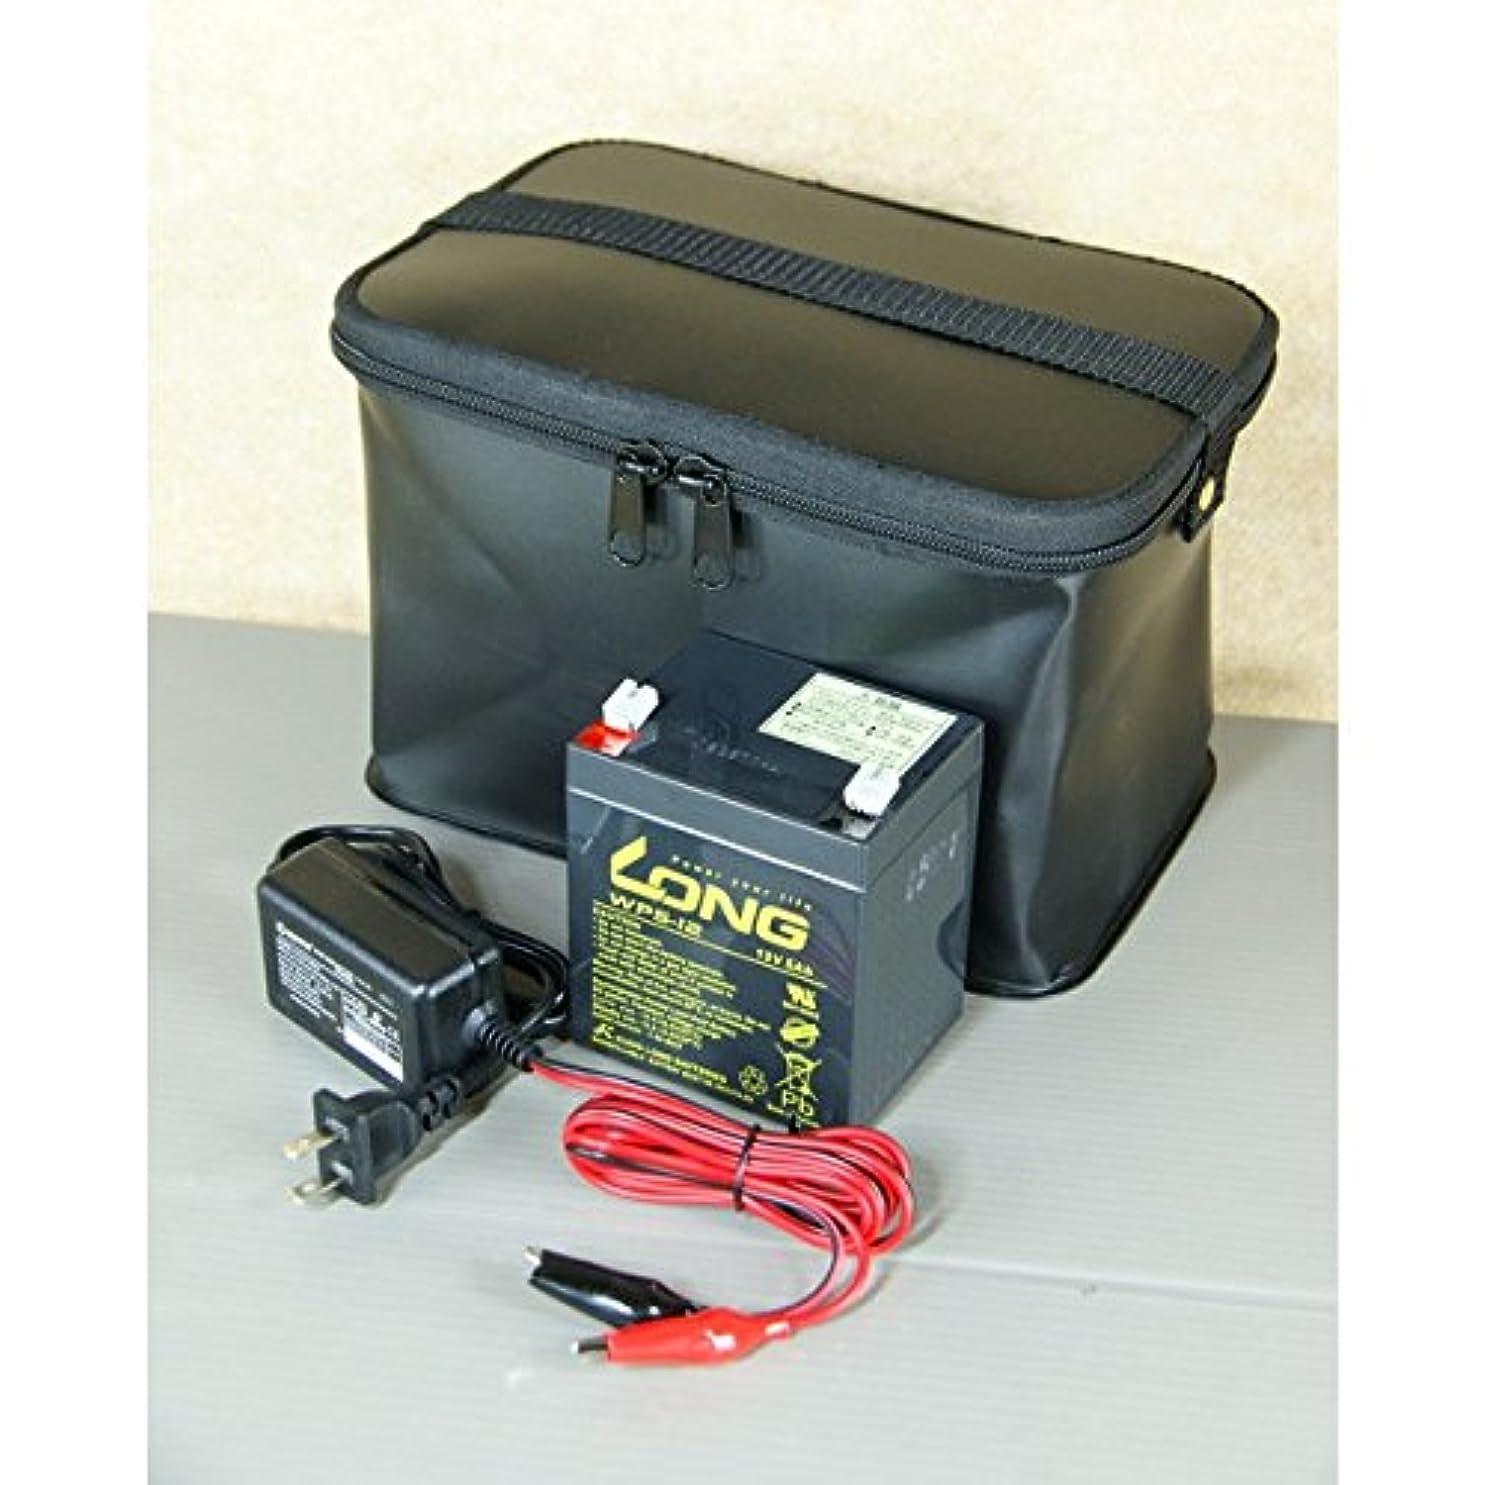 十分宿命シルク小型魚探用バッテリー&充電器セット(5Ah)EVA(黒)キャリーバッグ付き